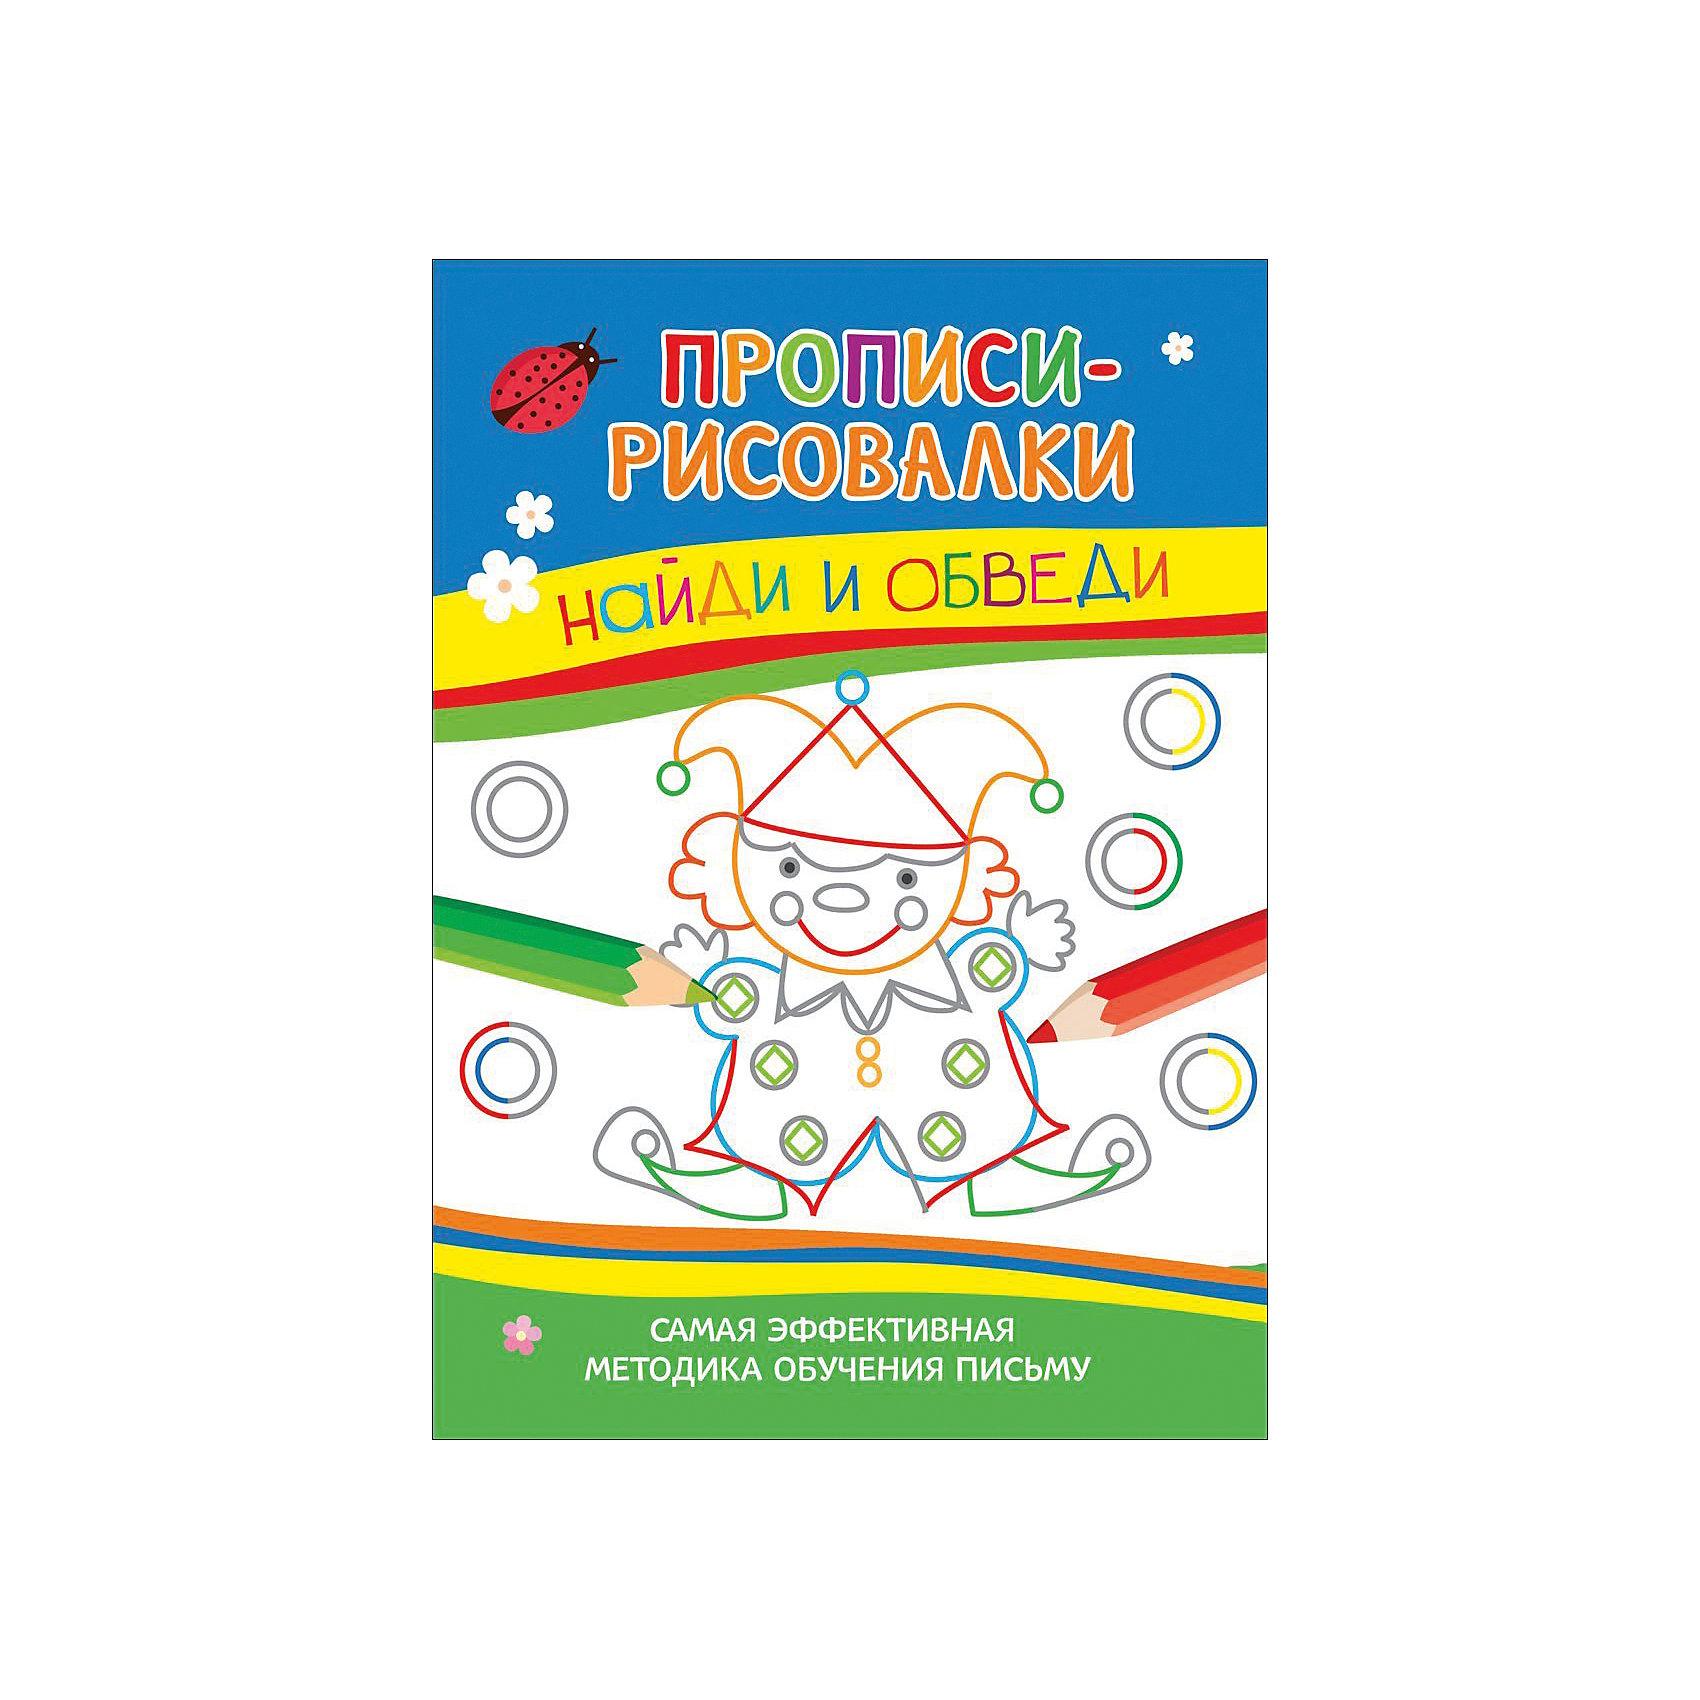 Прописи-рисовалки Найди и обведиПрописи<br>Характеристики товара:<br><br>- цвет: разноцветный;<br>- материал: бумага;<br>- страниц: 16;<br>- формат: 29 х 22 см;<br>- обложка: мягкая;<br>- развивающее издание.<br><br>Это интересное развивающее издание станет отличным подарком для родителей и ребенка. Оно содержит в себе задания в игровой форме, с помощью которых учиться писать гораздо проще. Всё представлено в очень простой форме! Это издание поможет привить любовь к учебе!<br>Такое обучение помогает ребенку развивать зрительную память, концентрацию внимания и воображение. Издание произведено из качественных материалов, которые безопасны даже для самых маленьких.<br><br>Издание Прописи-рисовалки Найди и обведи от компании Росмэн можно купить в нашем интернет-магазине.<br><br>Ширина мм: 280<br>Глубина мм: 195<br>Высота мм: 3<br>Вес г: 80<br>Возраст от месяцев: 0<br>Возраст до месяцев: 36<br>Пол: Унисекс<br>Возраст: Детский<br>SKU: 5110021